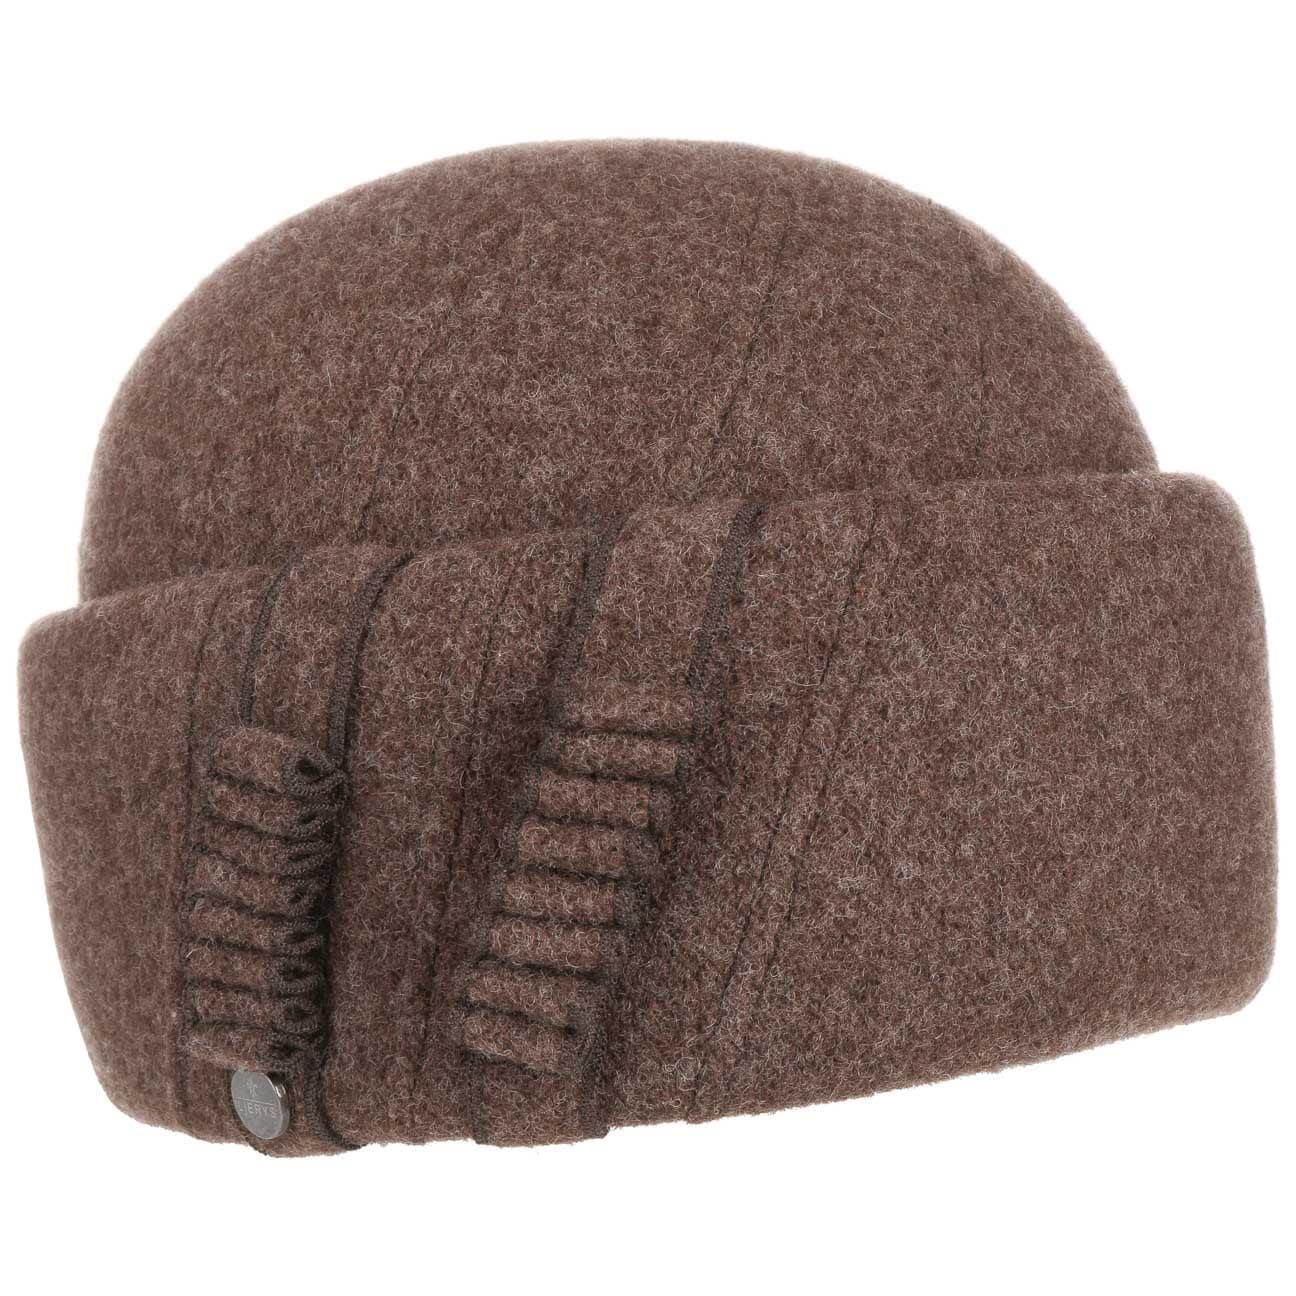 Bonnet en Laine Foulée Binara by Lierys  bonnet pour femme